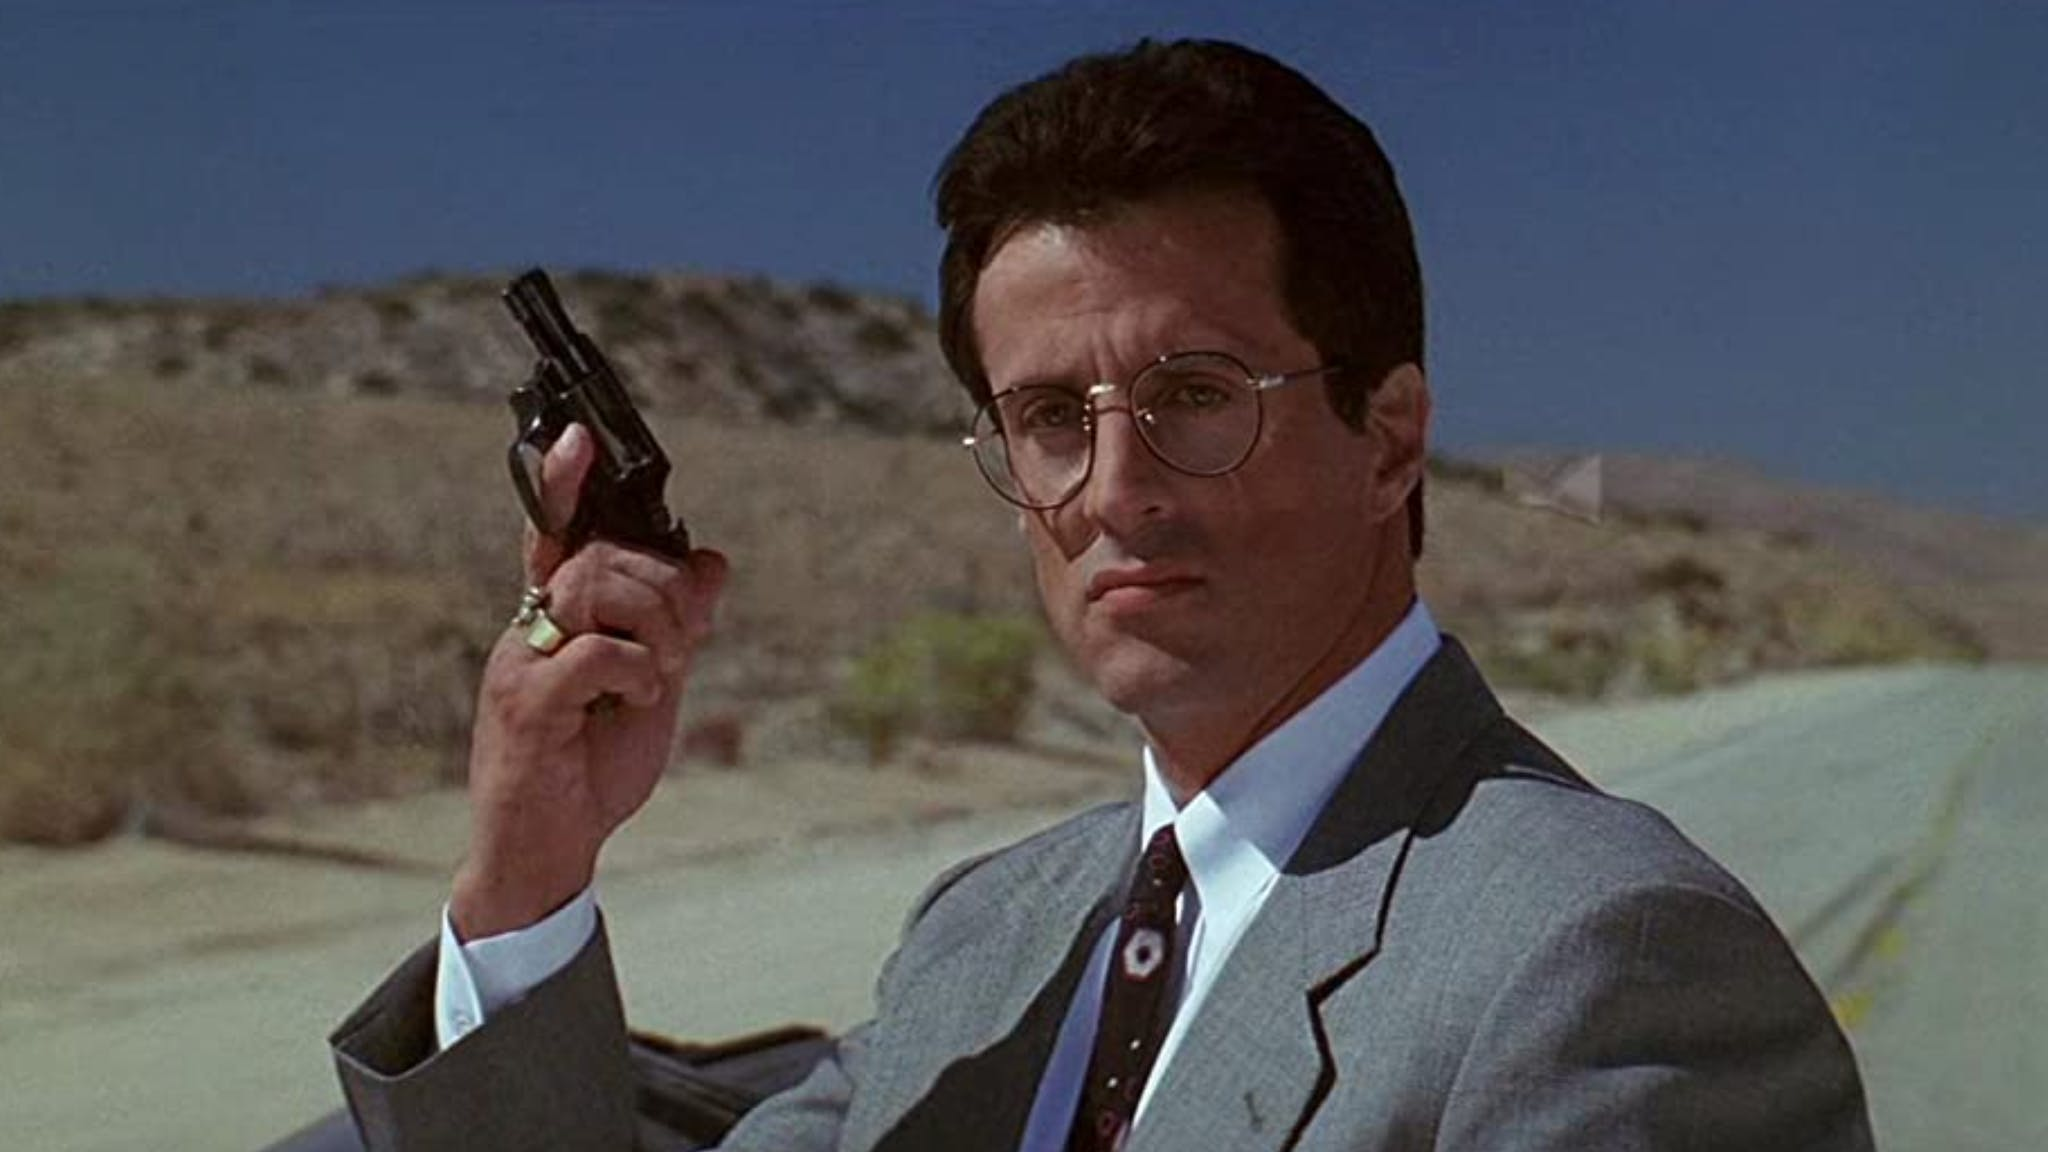 «Tango & Cash» (1989): Als zwei Verbrecher durch die Frontscheibe eines Lastwagens fliegen, findet folgender Dialog statt: «Danke fürs Vorbeikommen! Mögt ihr Schmuck?», Tango wedelt dabei mit Handschellen – «F*** dich!» – «Ich bevorzuge Blondinen.»